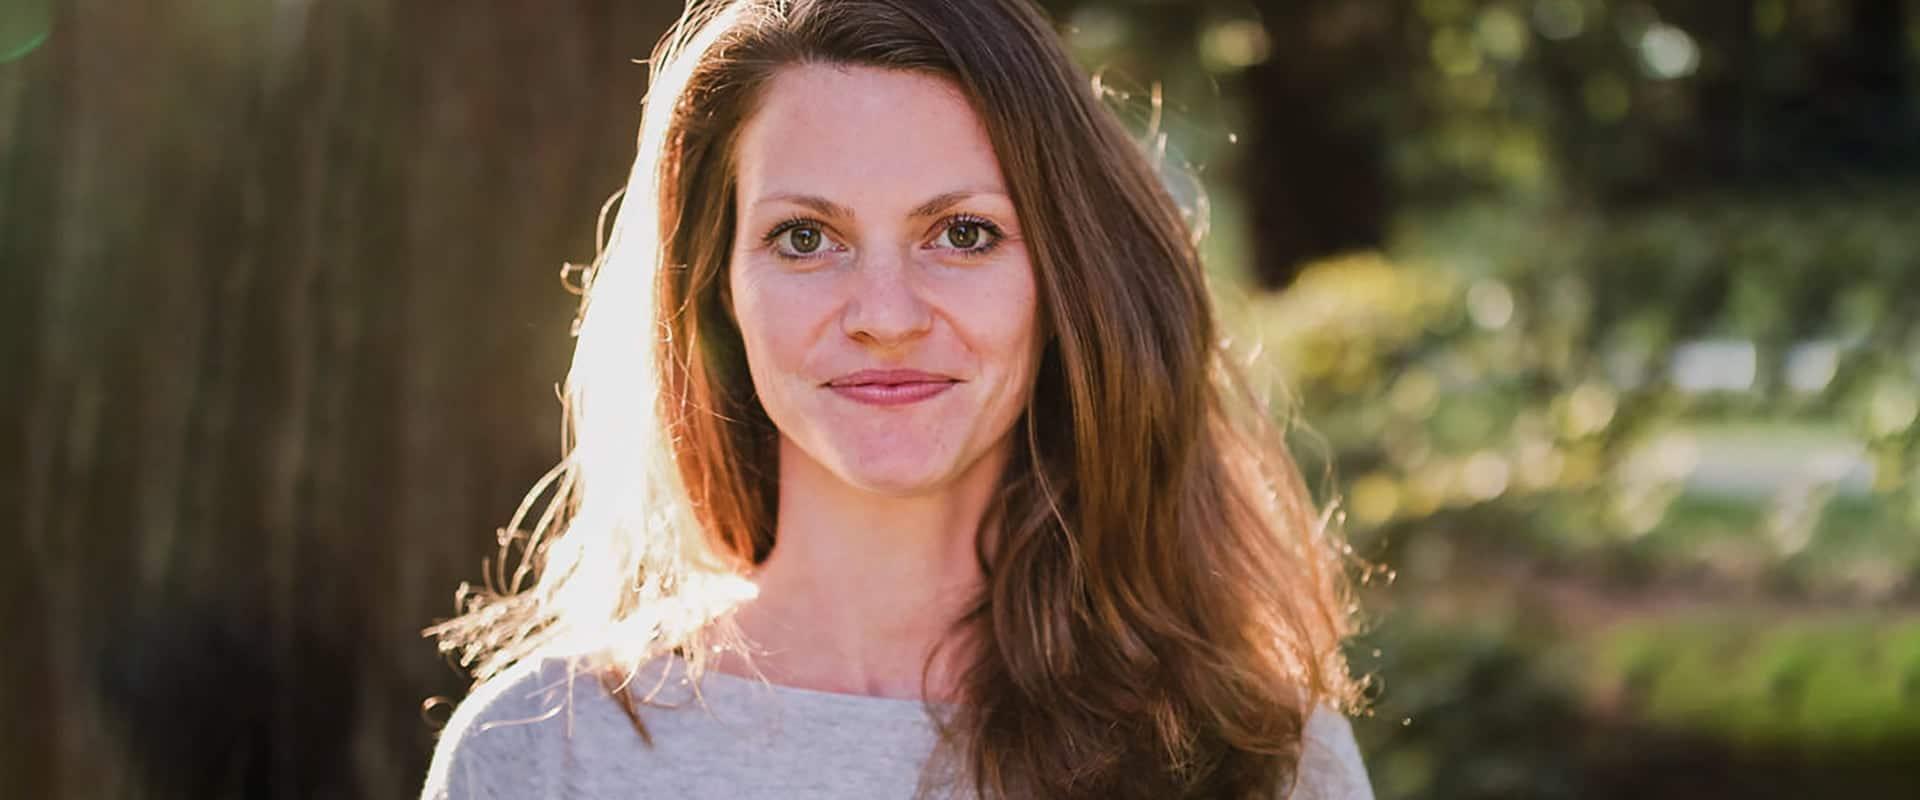 Fleischglück-Podcast #32 mit May-Britt Wilkens: Über Cowsharing, Kälbermast und die Schattenseiten der Fleischproduktion